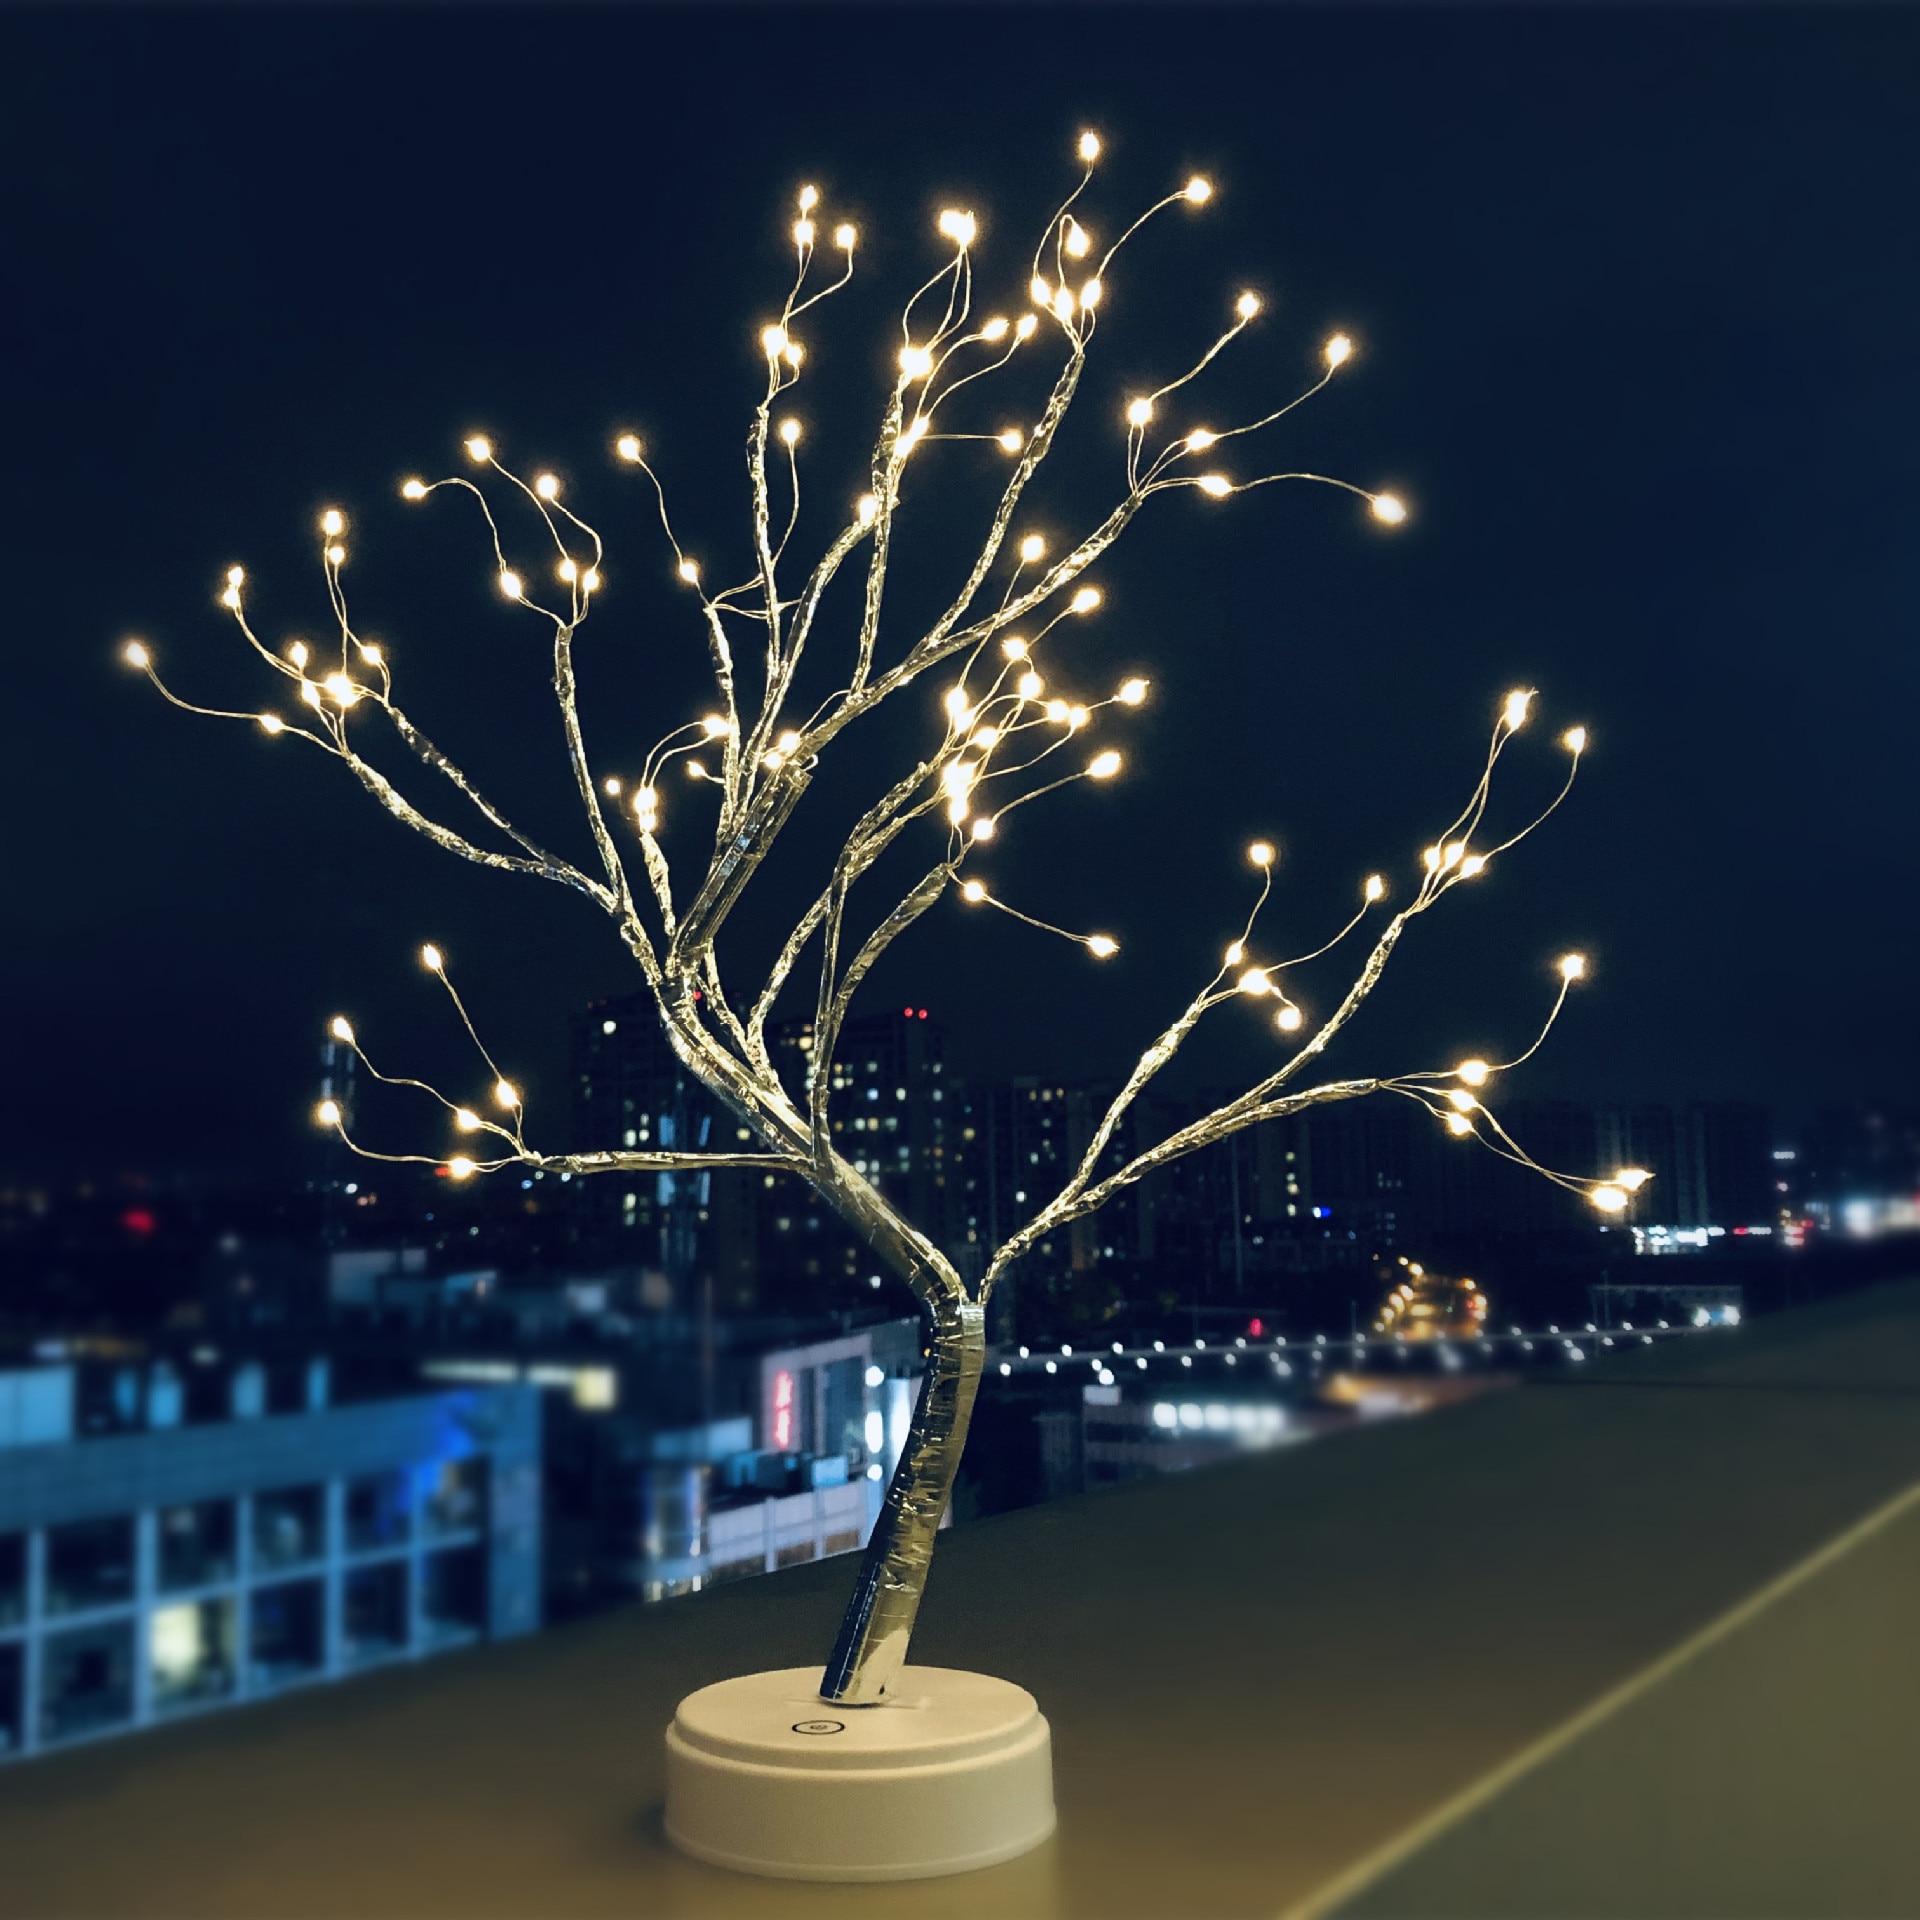 LED arbre lumières batterie/USB alimenté anniversaire cadeaux lampe de Table intérieur LED chaîne lumière pour fête décoration de la maison arbre de noël